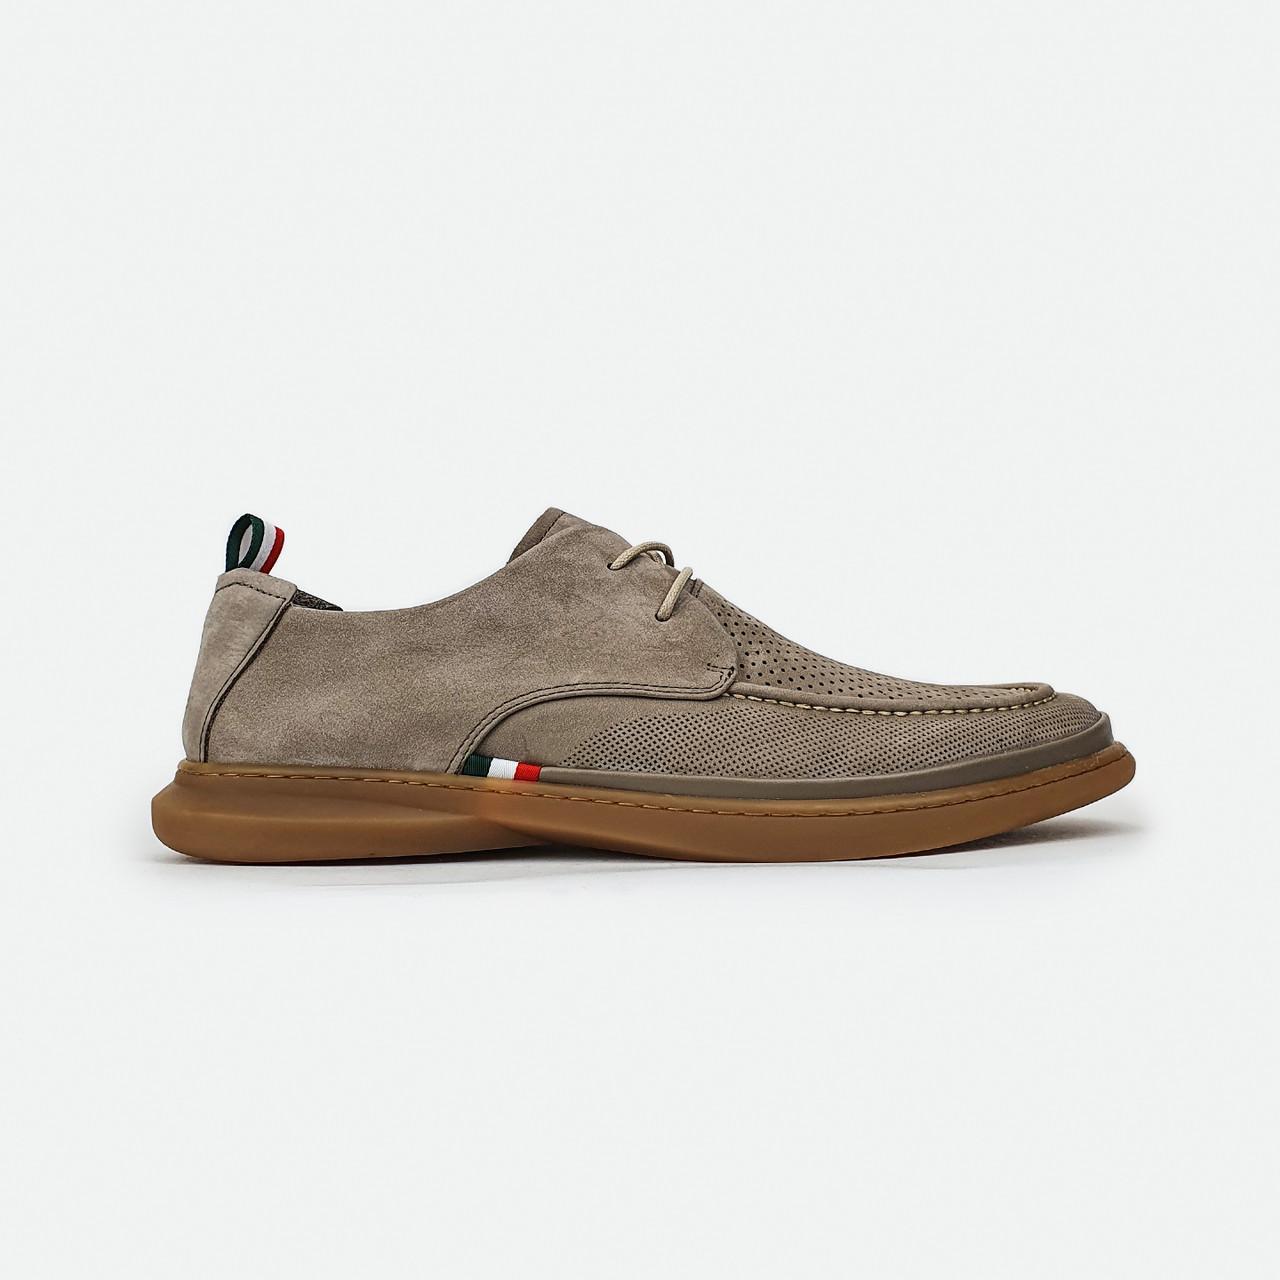 Стильні чоловічі туфлі комфорт з перфорацією бежеві на шнурках Cosottinni 2053AKW-0507